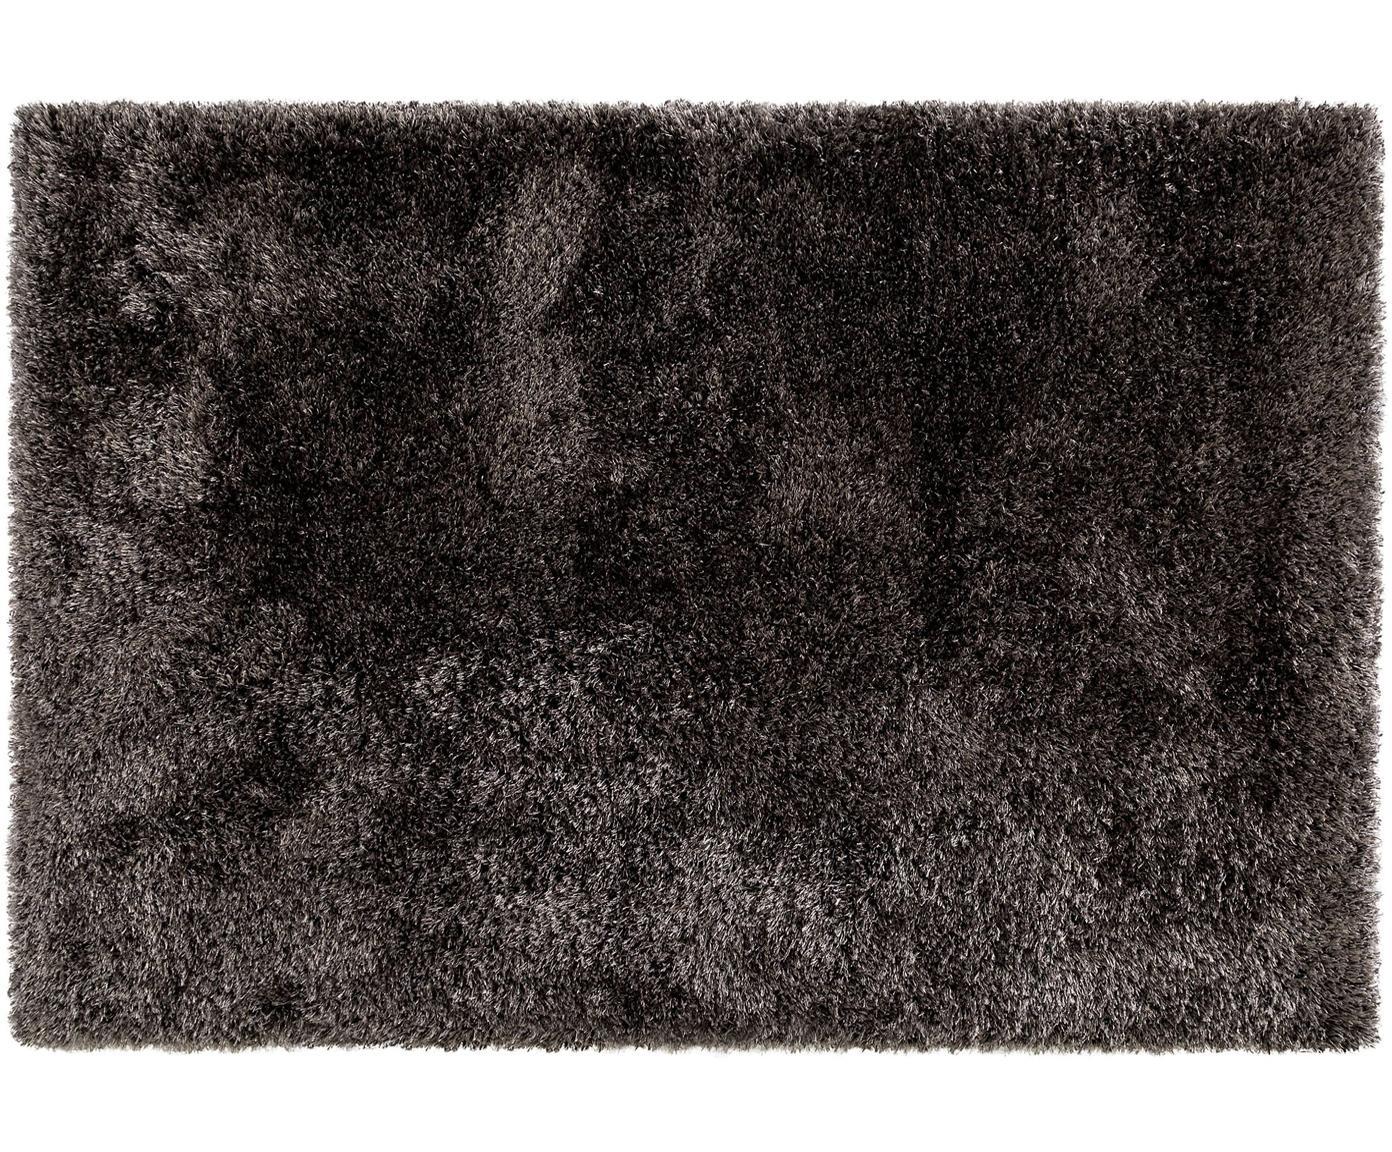 Glänzender Hochflor-Teppich Lea in Anthrazit, 50% Polyester, 50% Polypropylen, Anthrazit, B 140 x L 200 cm (Größe S)